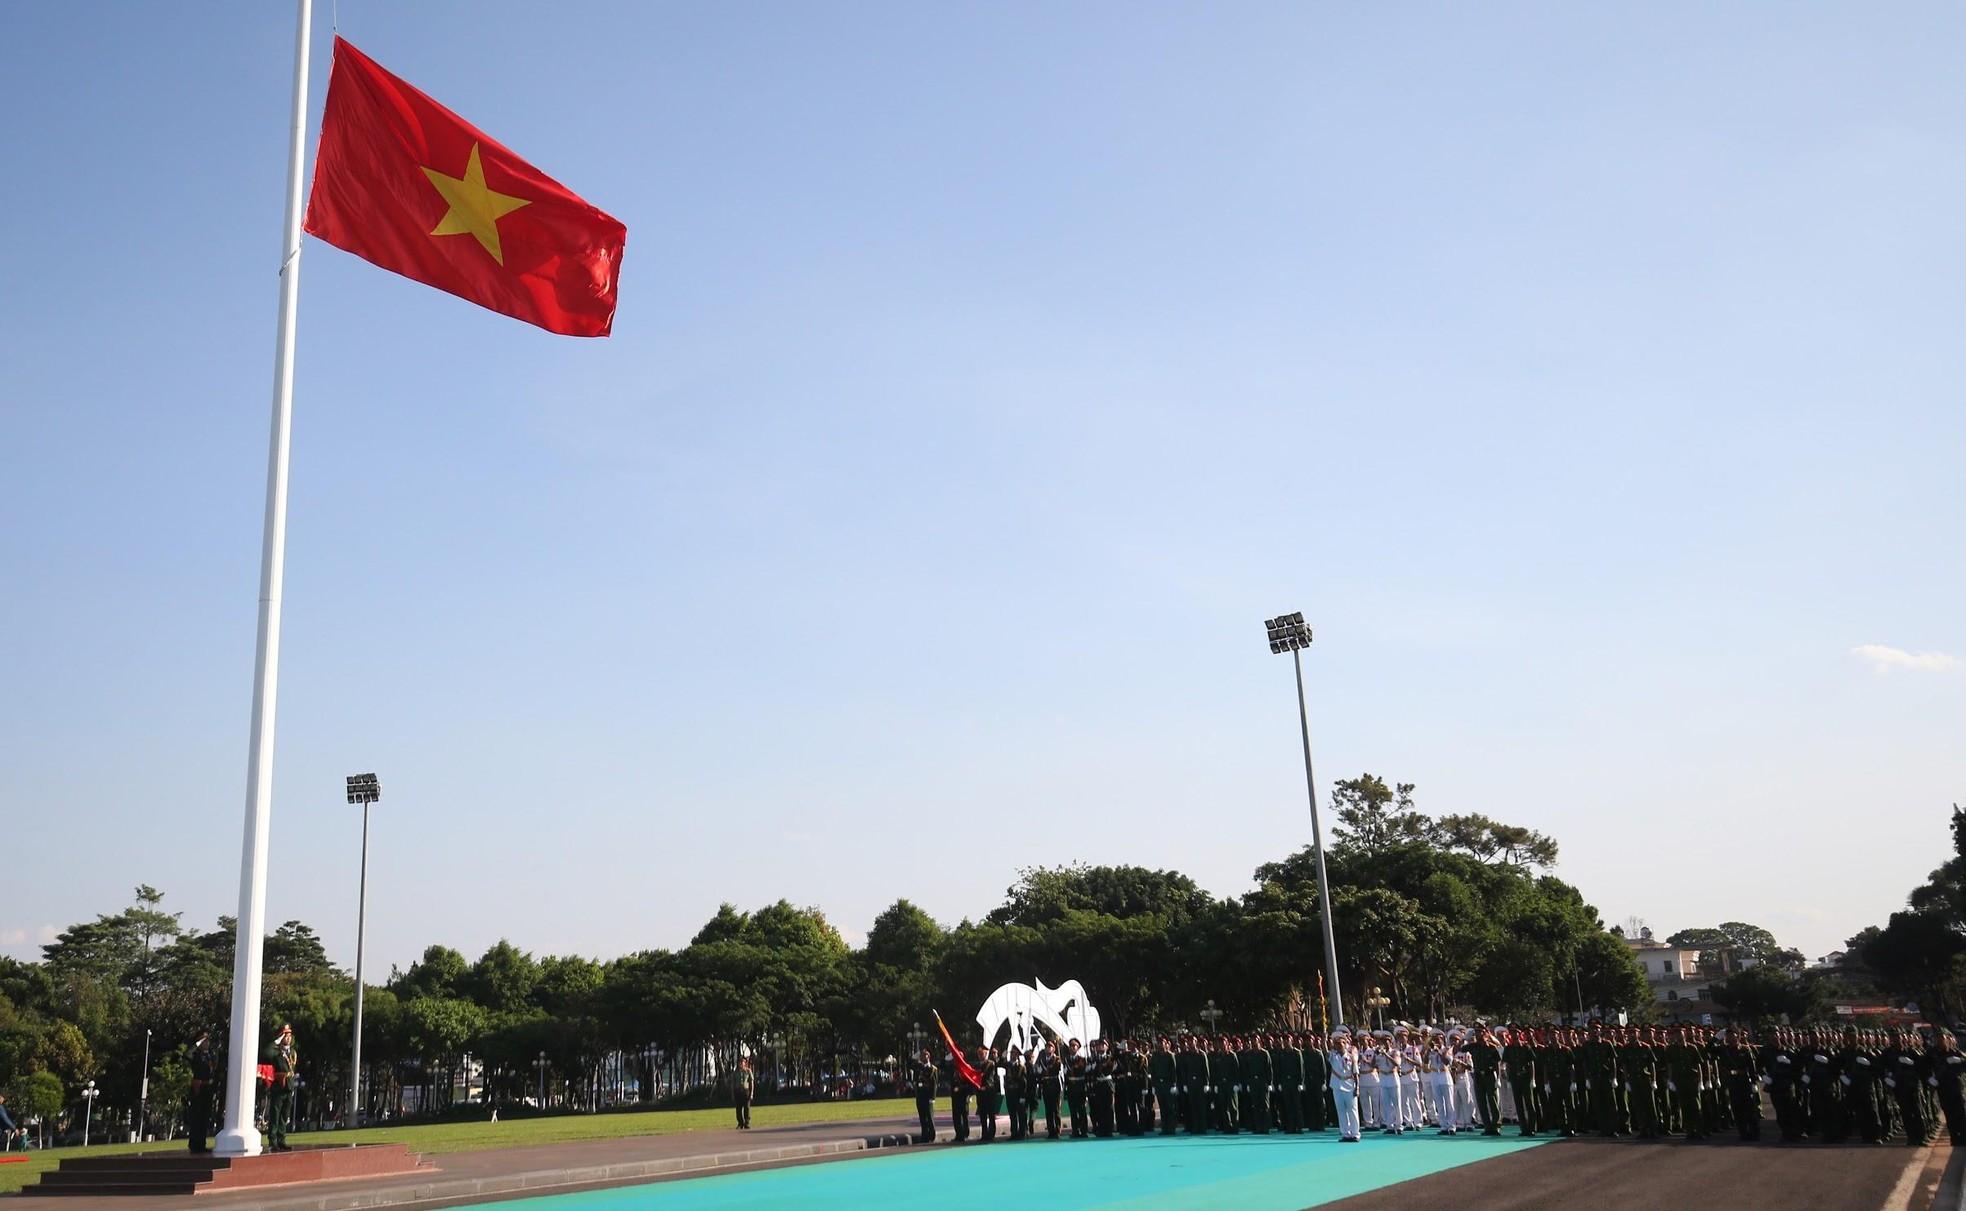 Đón xem lễ Thượng cờ trang nghiêm tại Quảng trường Đại Đoàn Kết ảnh 5